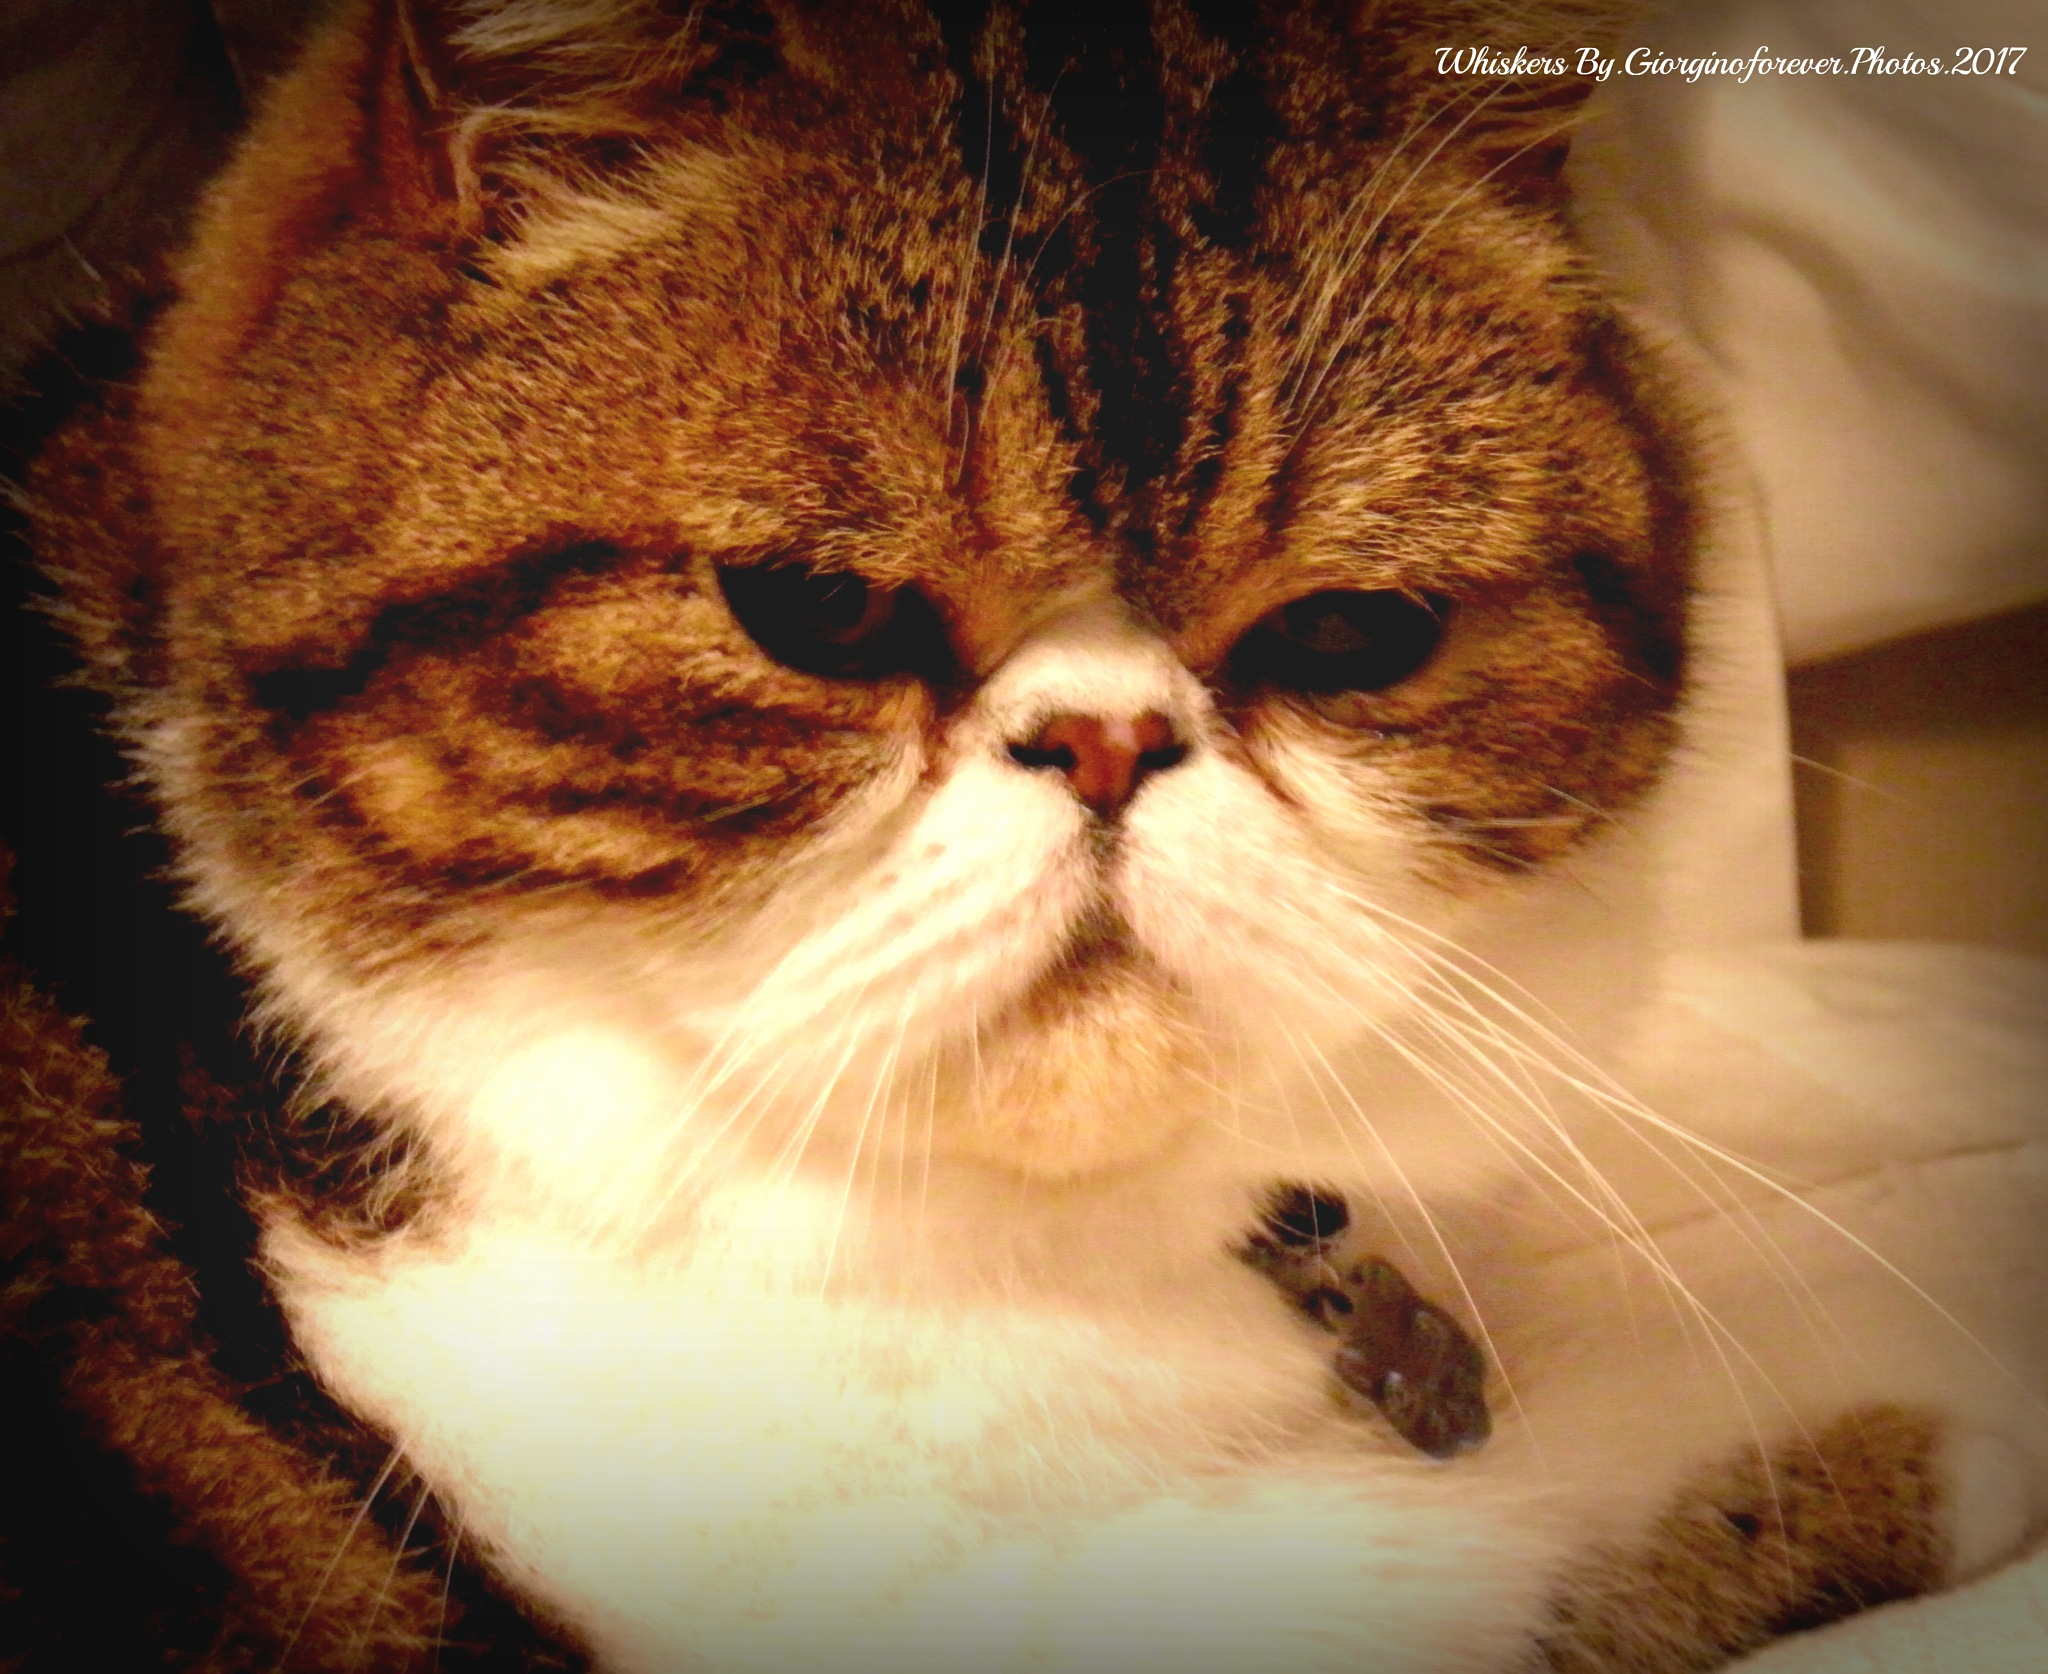 Whiskers xxx by karenanne.borsani